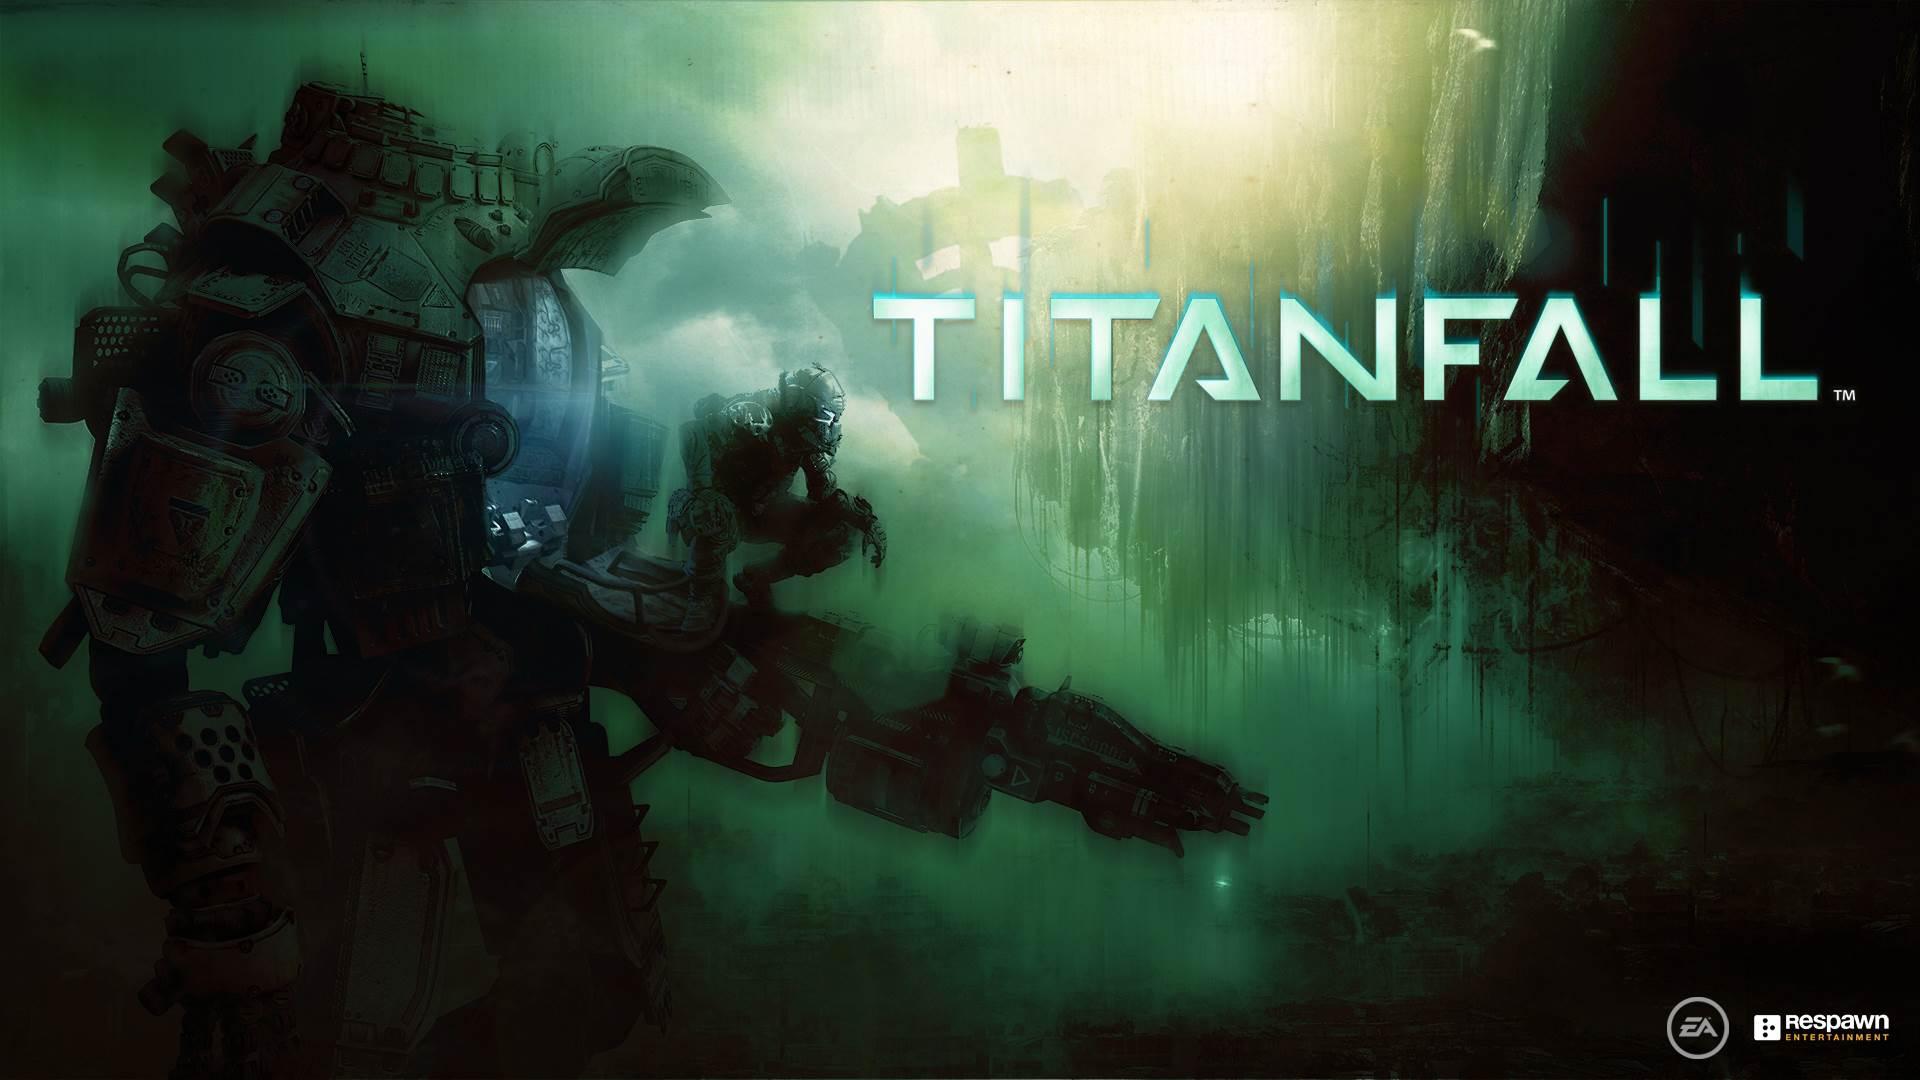 titanfalllogo